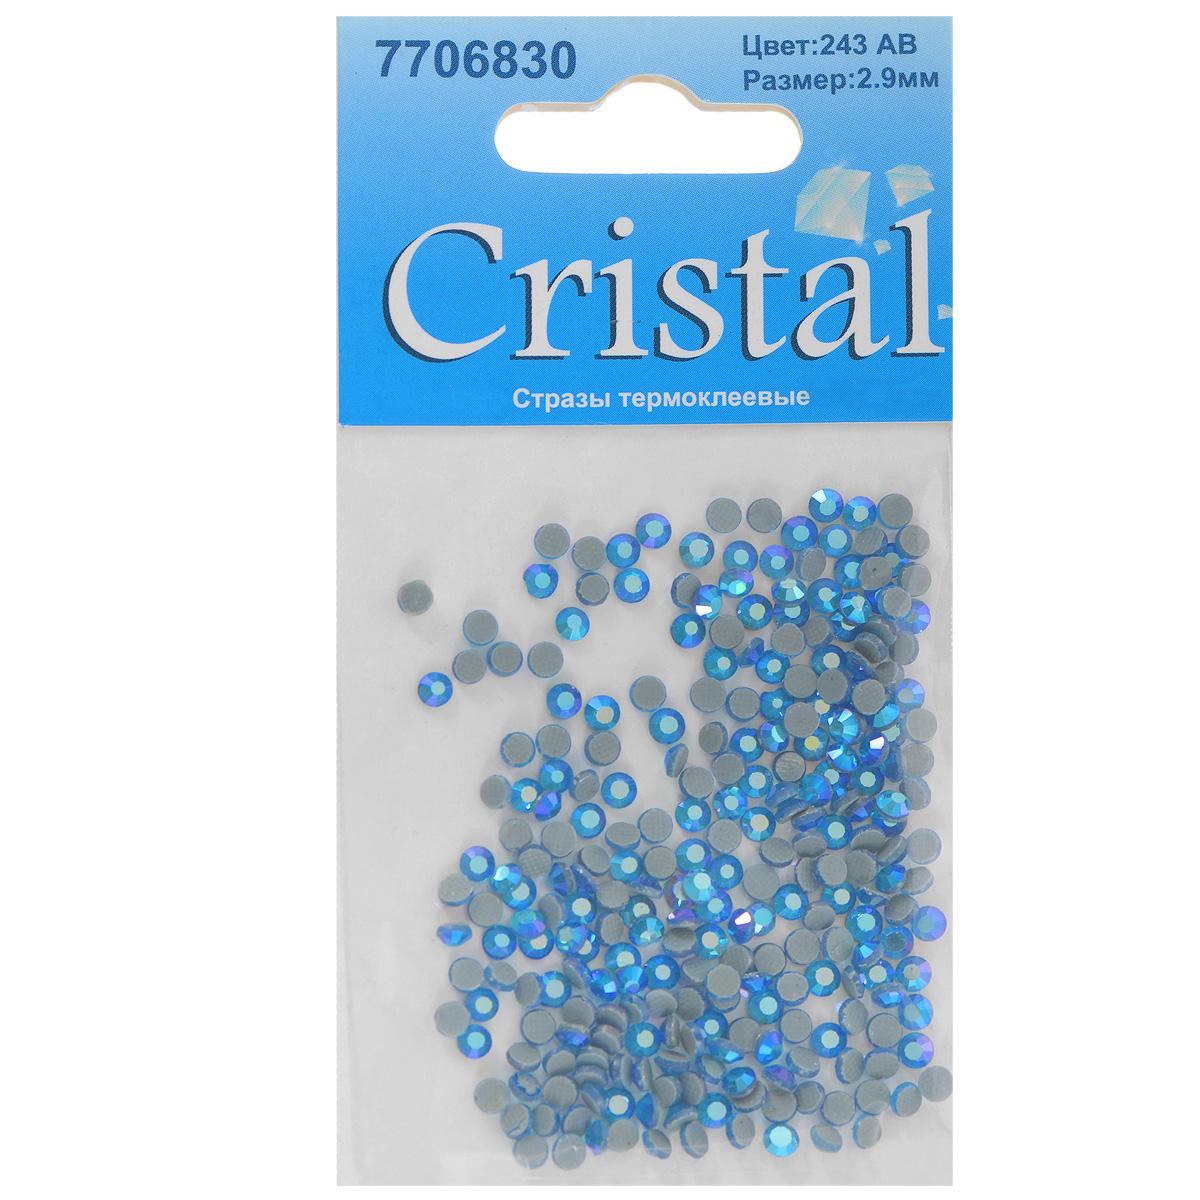 Стразы термоклеевые Cristal, цвет: светло-синий (243АВ), диаметр 2,9 мм, 288 шт7706830_243ABНабор термоклеевых страз Cristal, изготовленный из высококачественного акрила, позволит вам украсить одежду, аксессуары или текстиль. Яркие стразы имеют плоское дно и круглую поверхность с гранями.Дно термоклеевых страз уже обработано особым клеем, который под воздействием высоких температур начинает плавиться, приклеиваясь, таким образом, к требуемой поверхности. Чаще всего их используют в текстильной промышленности: стразы прикладывают к ткани и проглаживают утюгом с обратной стороны. Также можно использовать специальный паяльник. Украшение стразами поможет сделать любую вещь оригинальной и неповторимой. Диаметр страз: 2,9 мм.